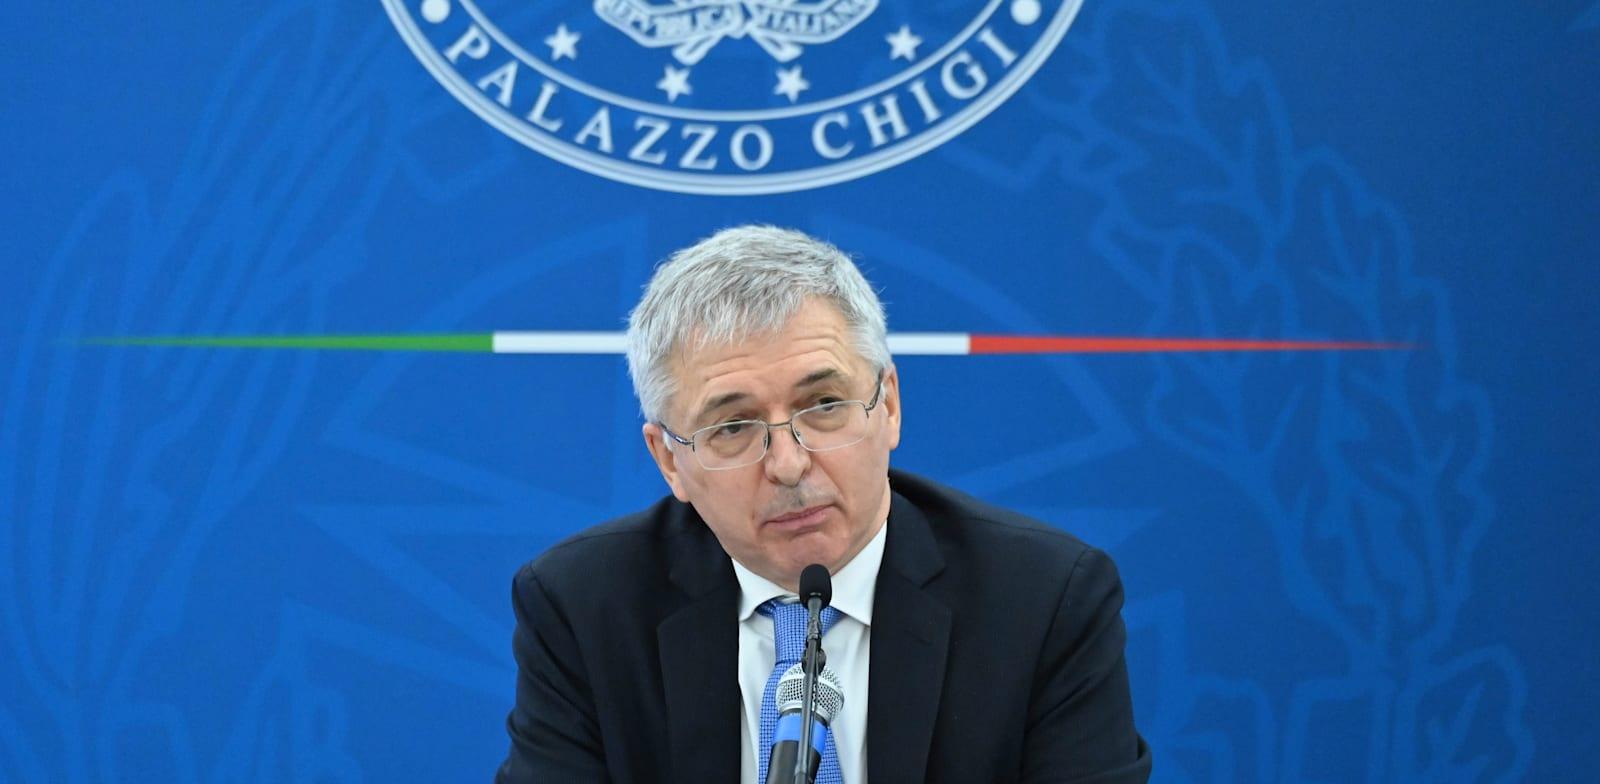 שר האוצר של איטליה, דניאלה פרנקו / צילום: Associated Press, Alberto Pizzoli